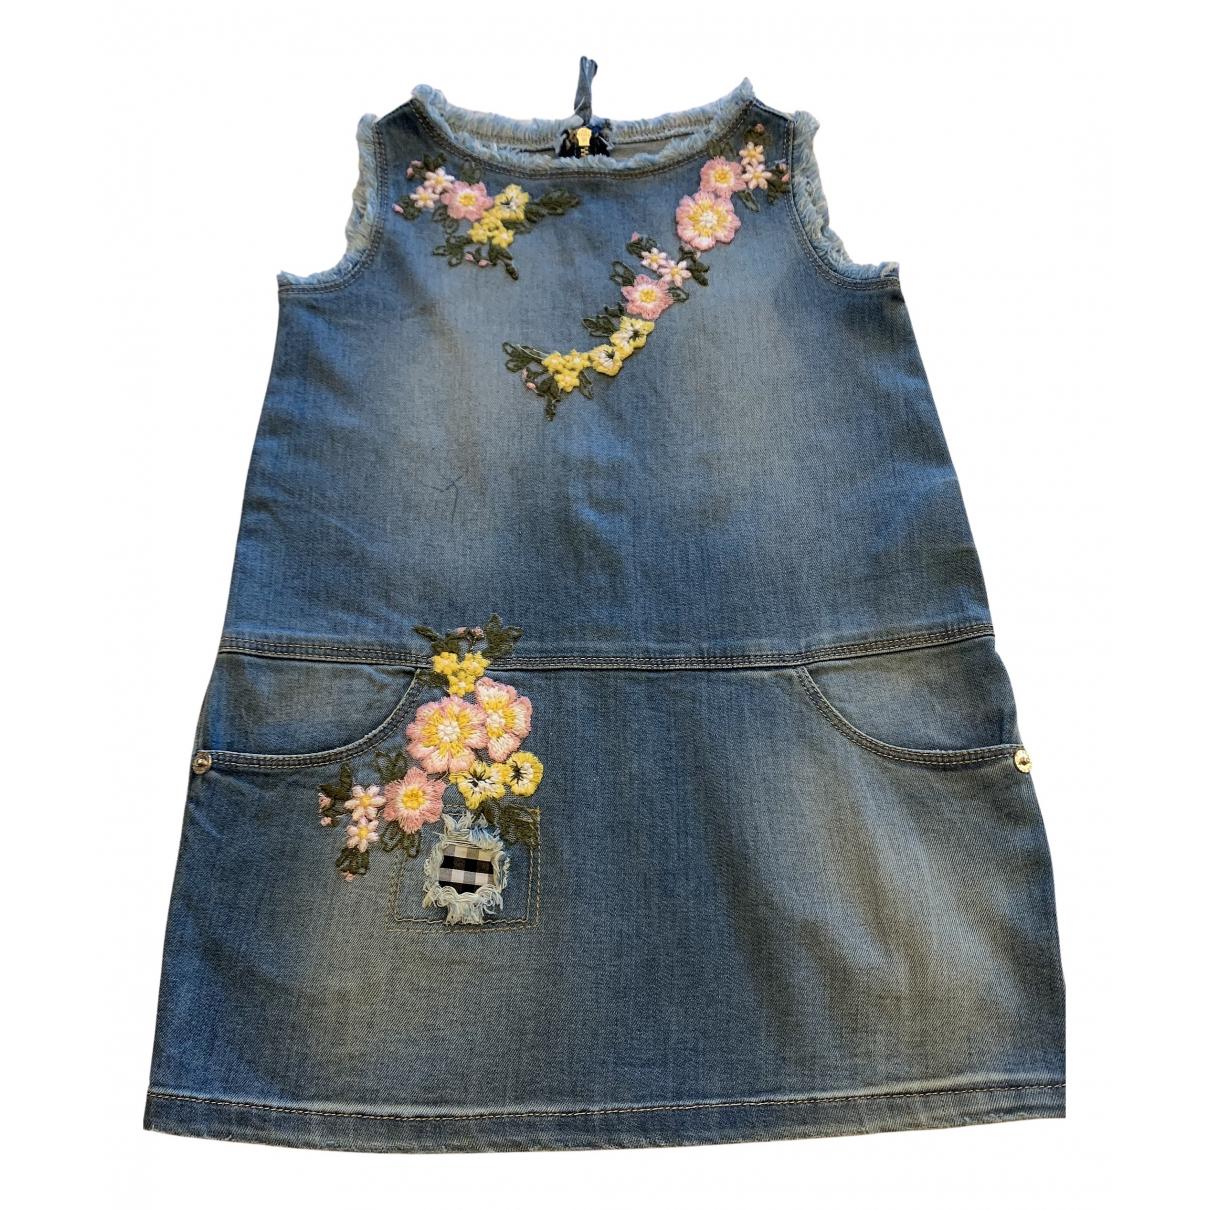 Ermanno Scervino \N Kleid in  Blau Denim - Jeans